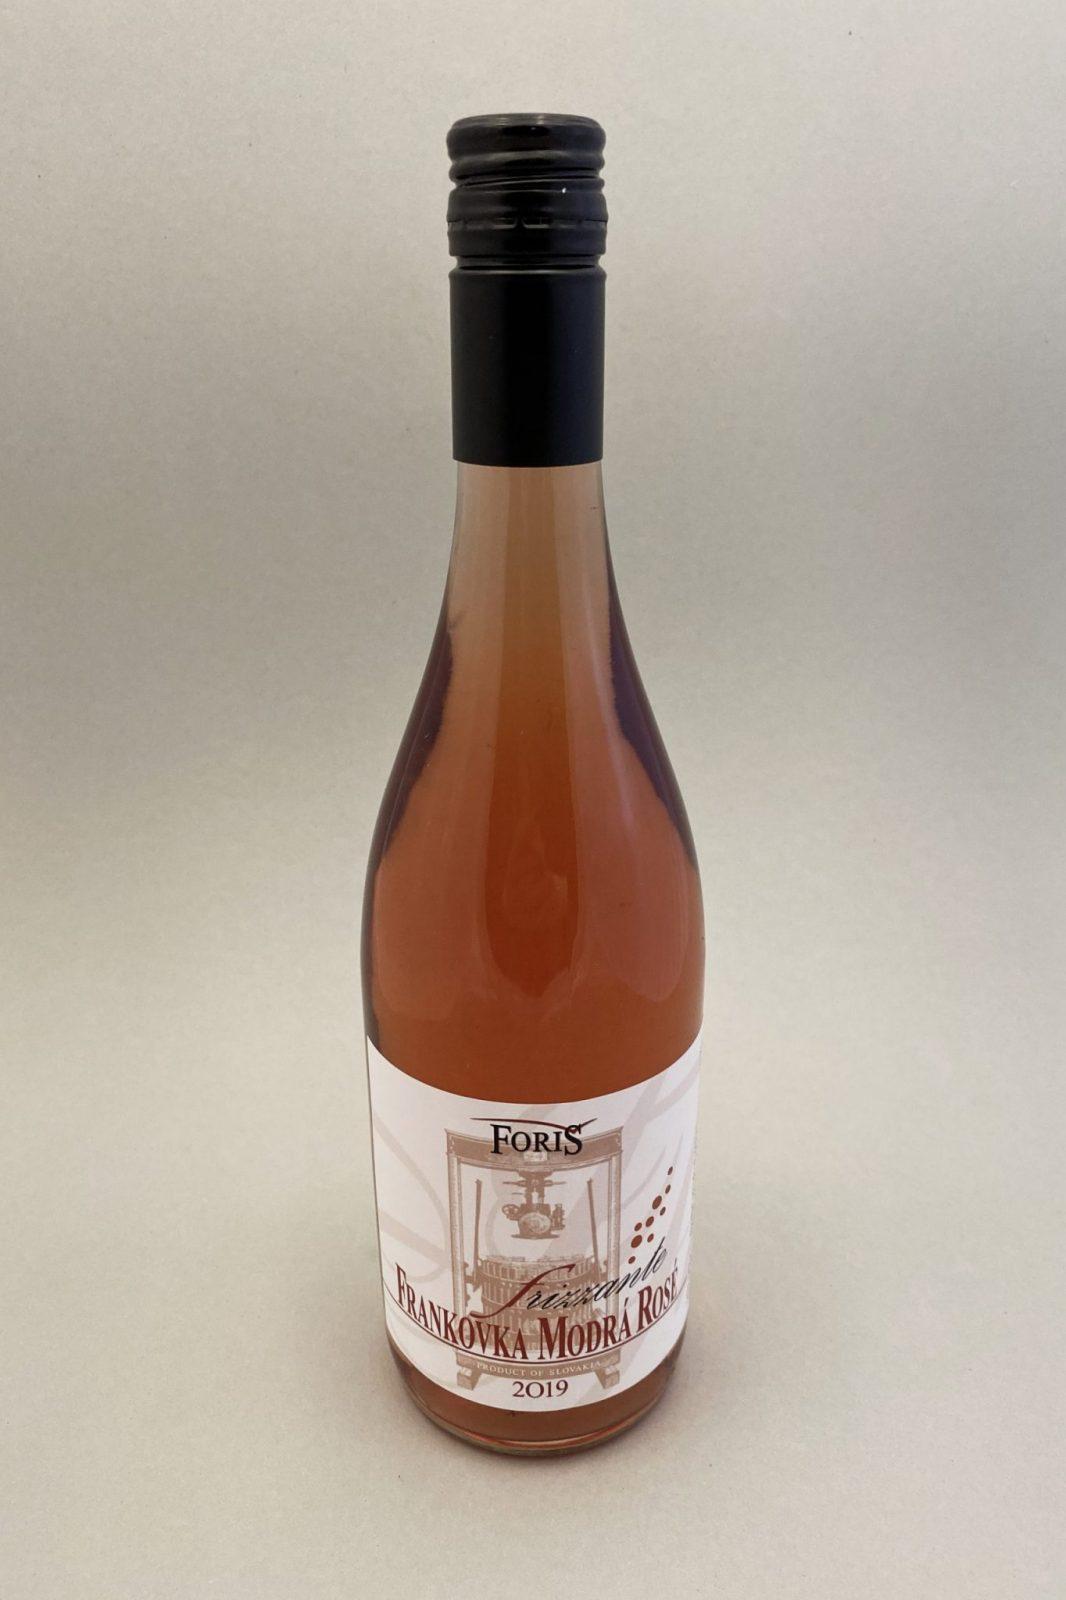 Foriš Vinárstvo Frankovka Modrá ROSÉ, vinotéka v Slnečniciach, slovenské ružové víno, Bratislava Petržalka, Sunny Wines